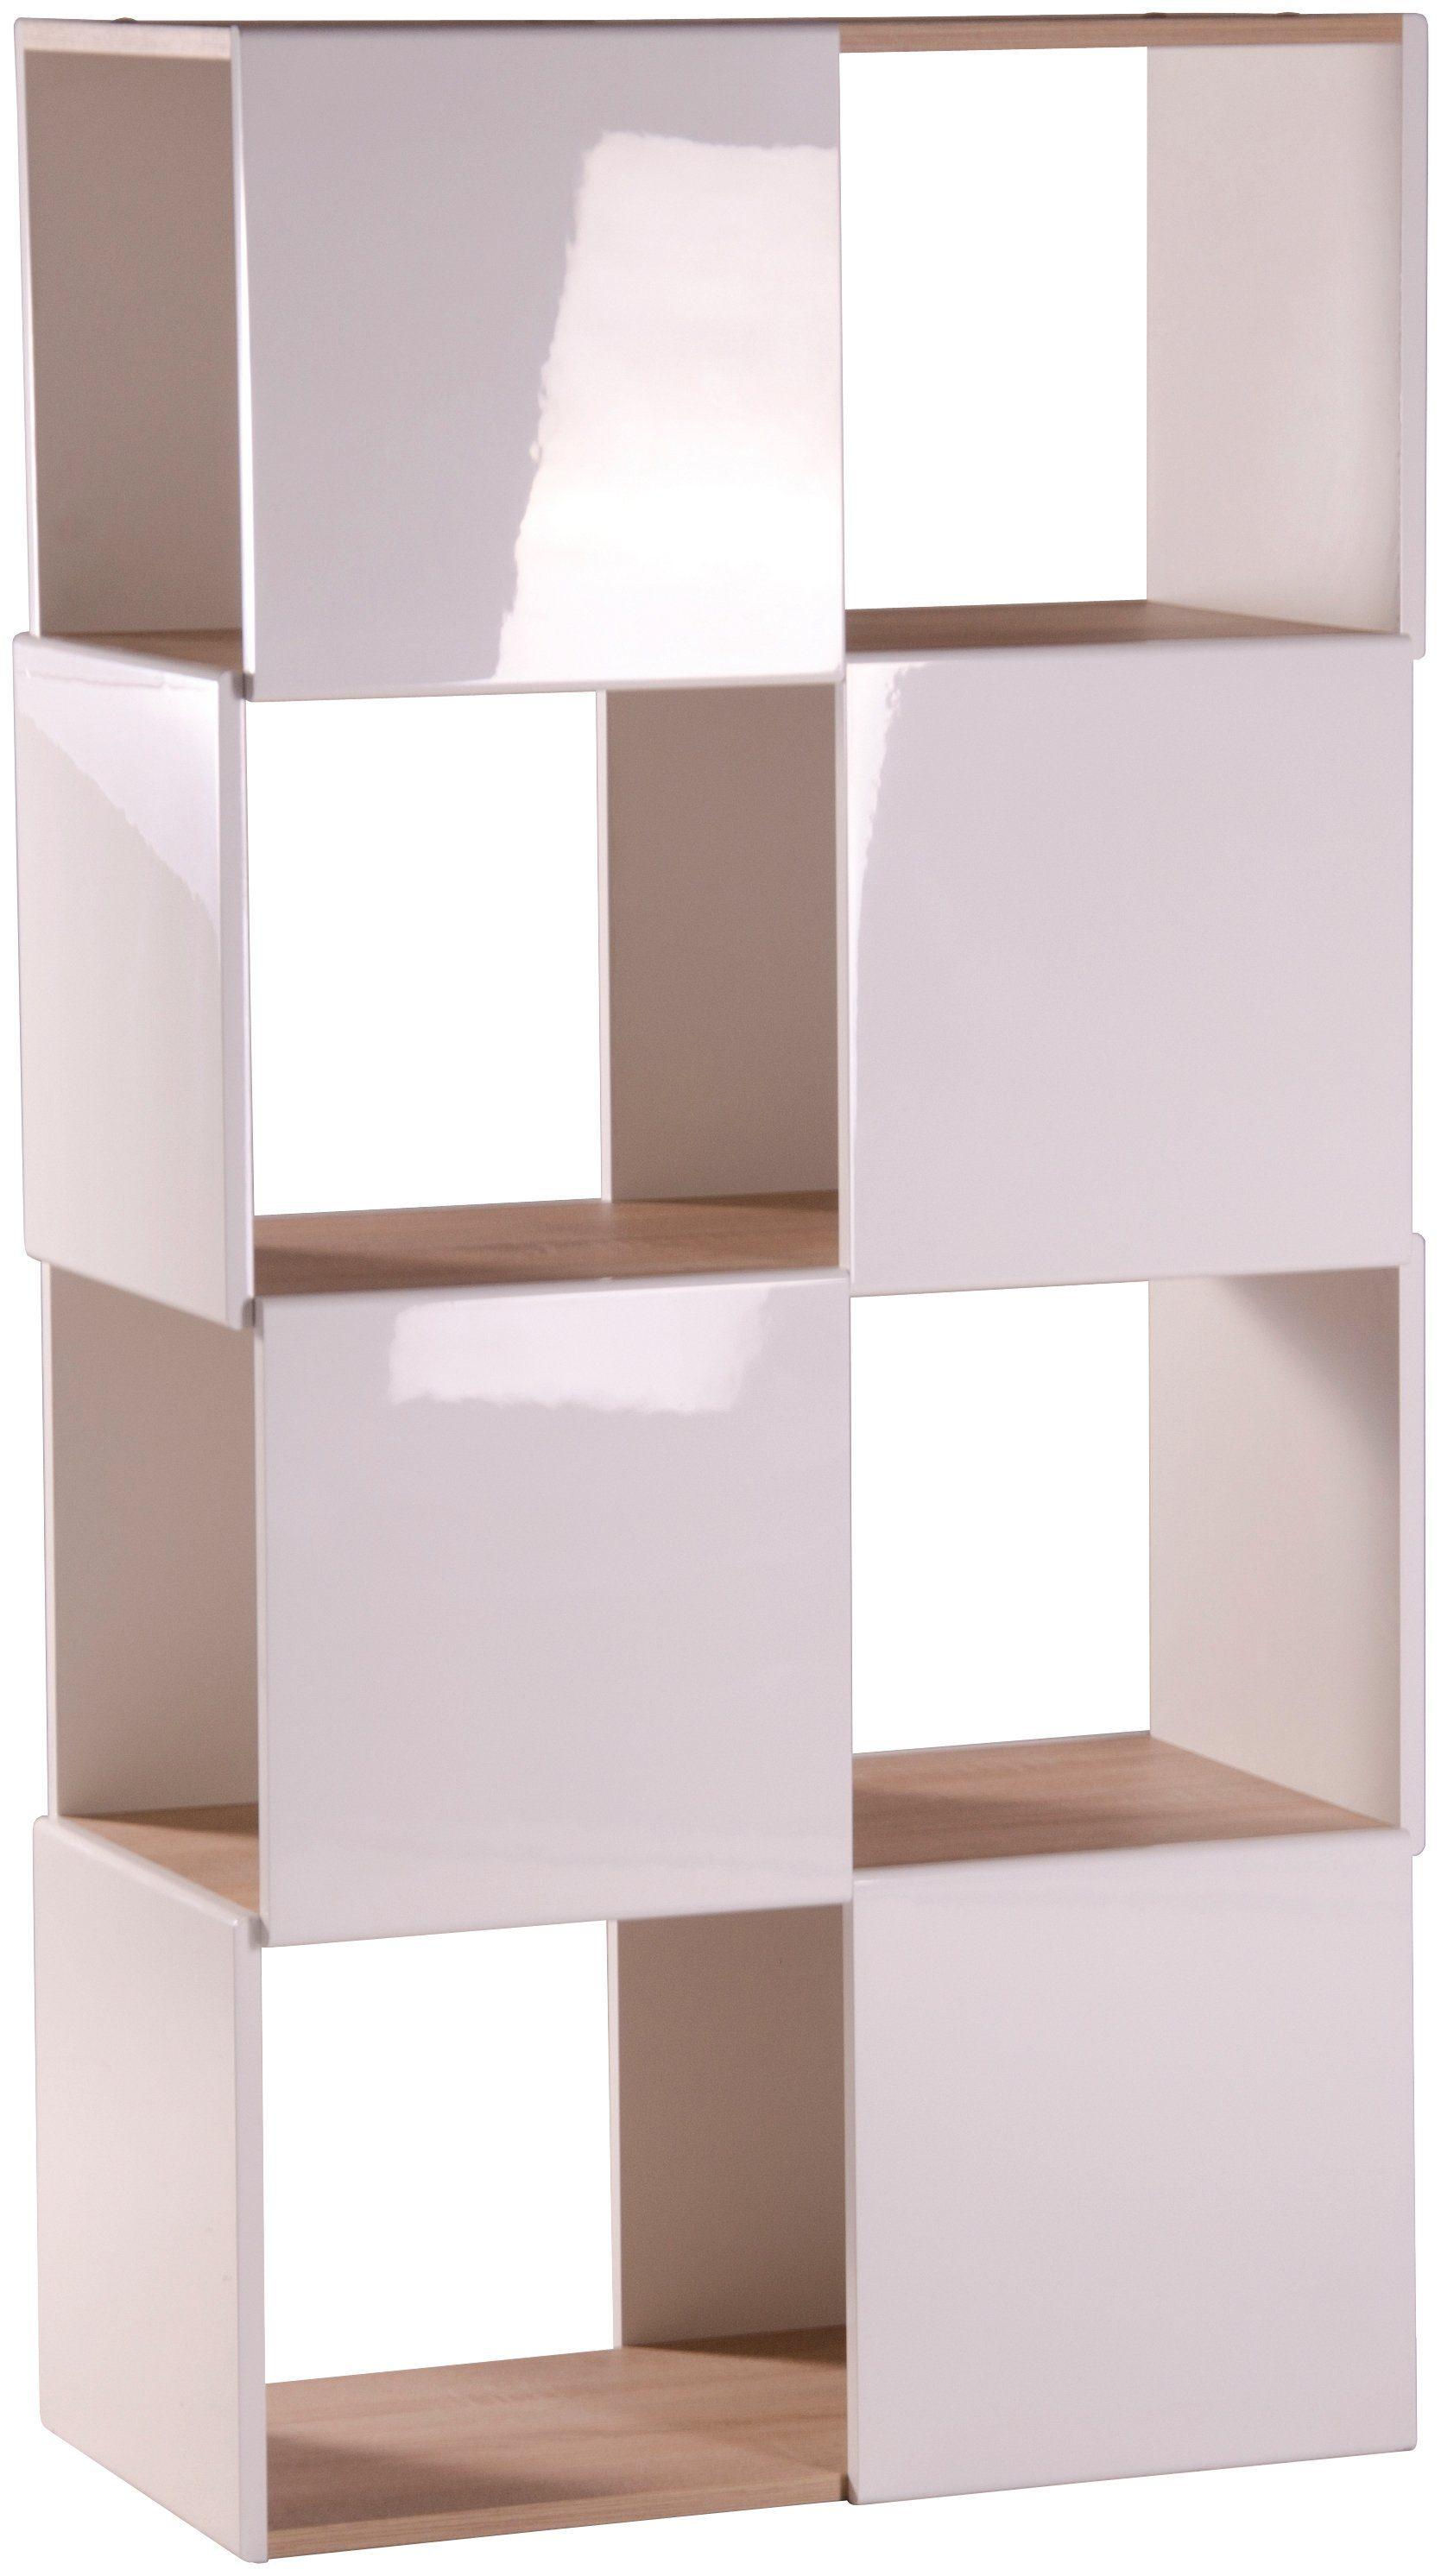 PHOENIX Regal »Matrix«, B/H/T: 71,6x144,7x37,3 cm